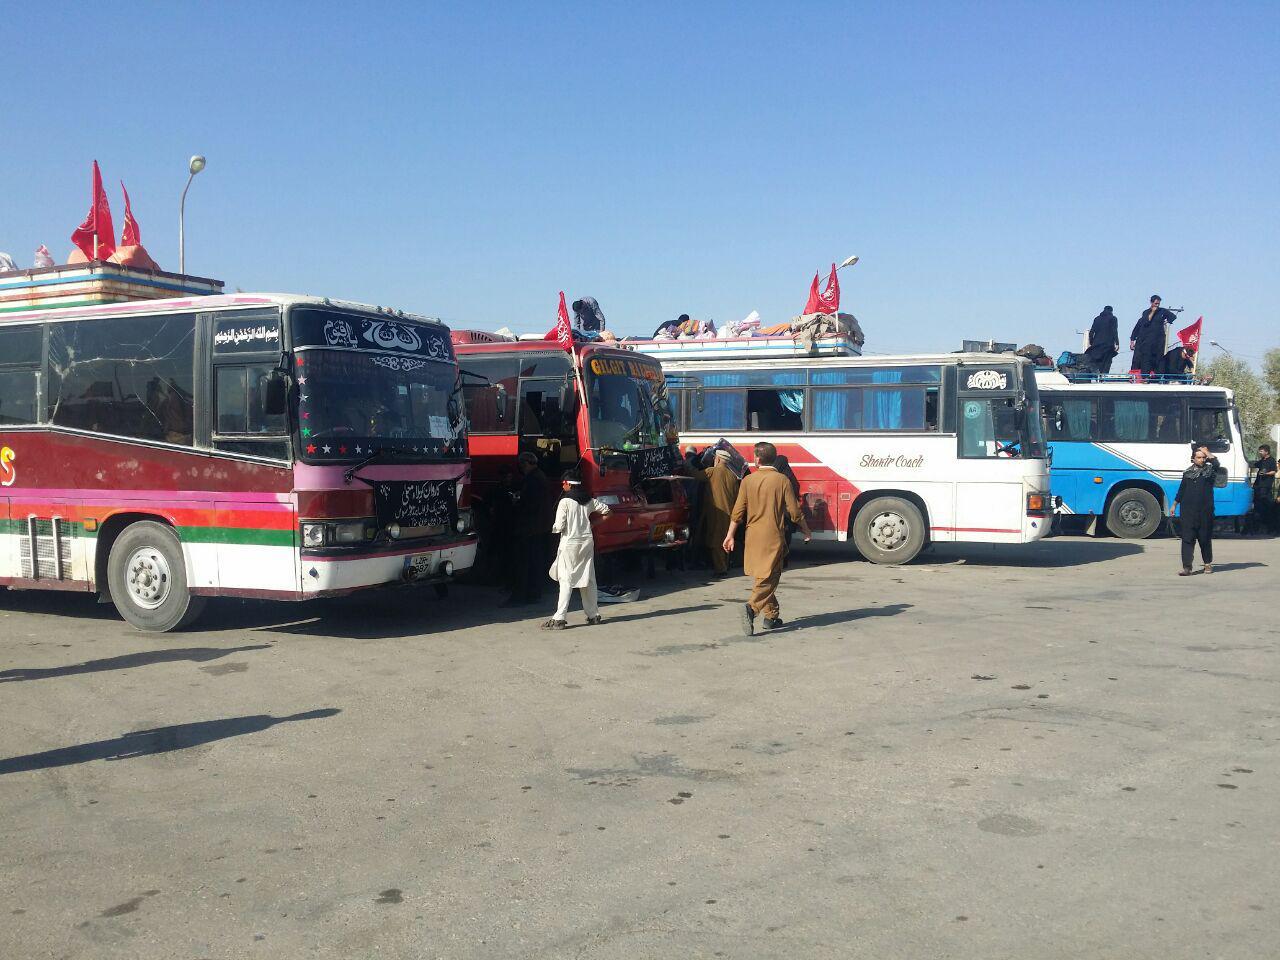 افزایش ۳۰ درصدی ورود زائران پاکستانی به سیستان و بلوچستان